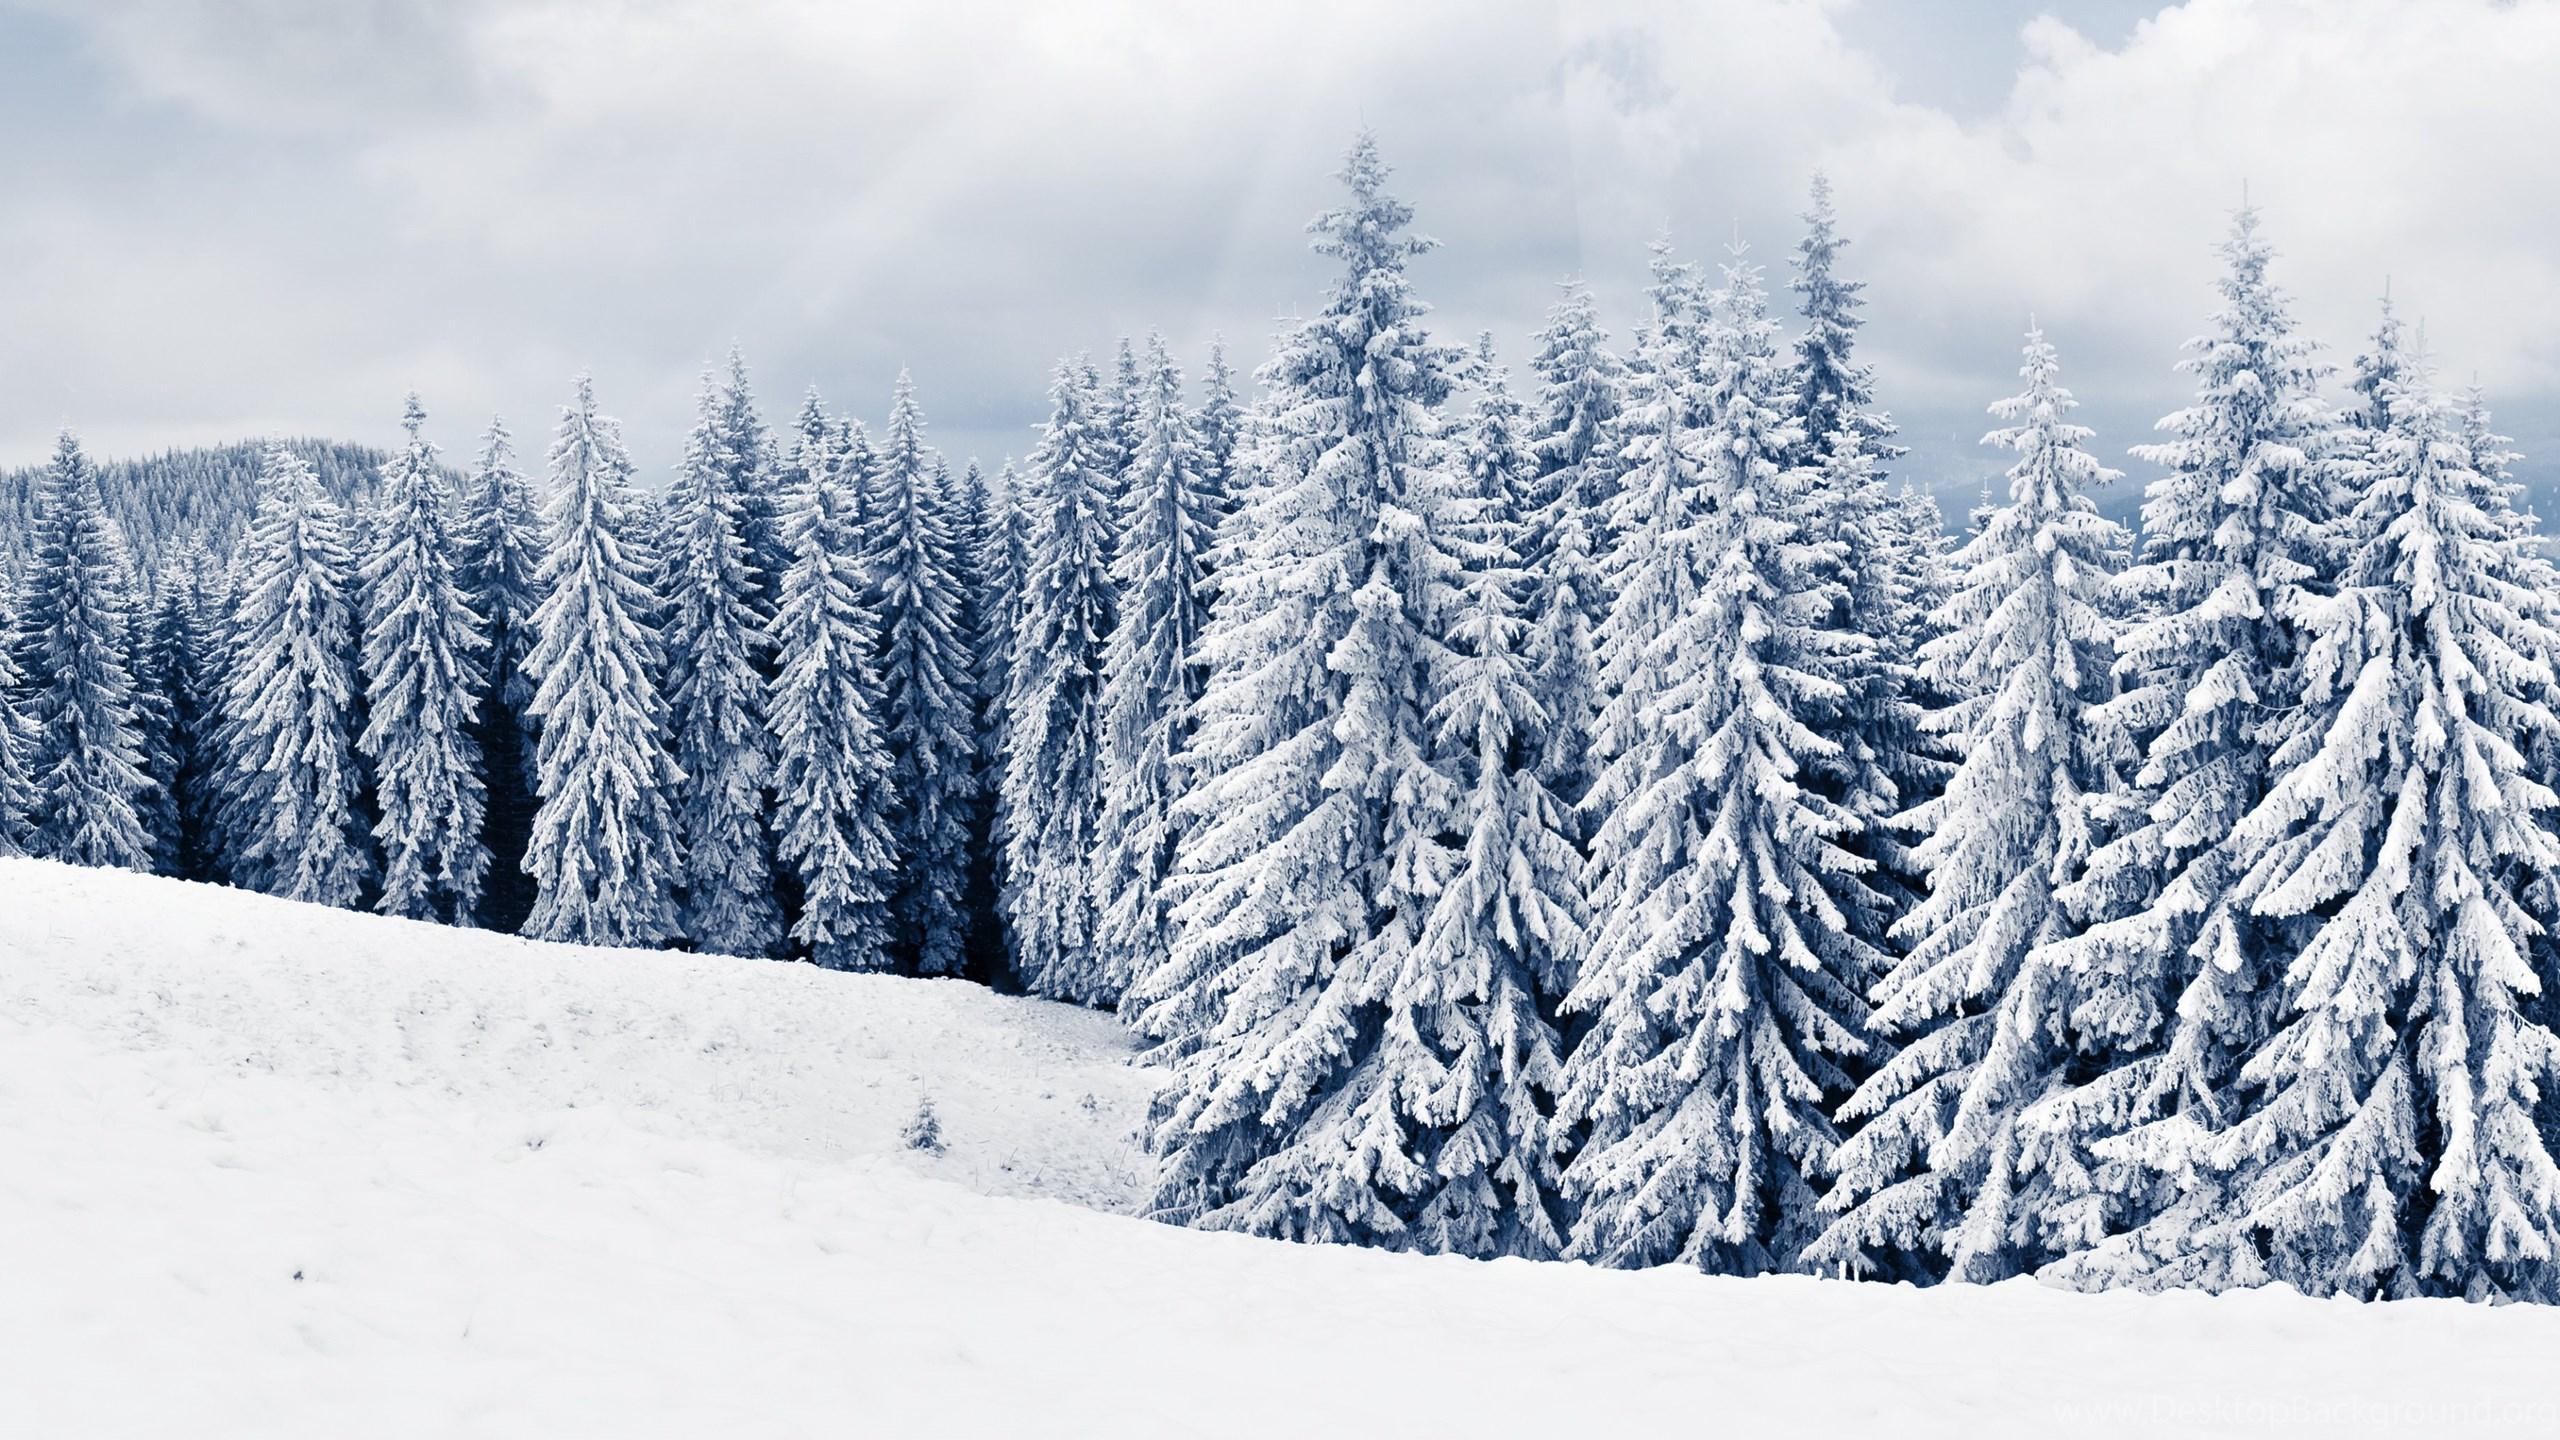 winter hd desktop wallpapers : high definition : fullscreen